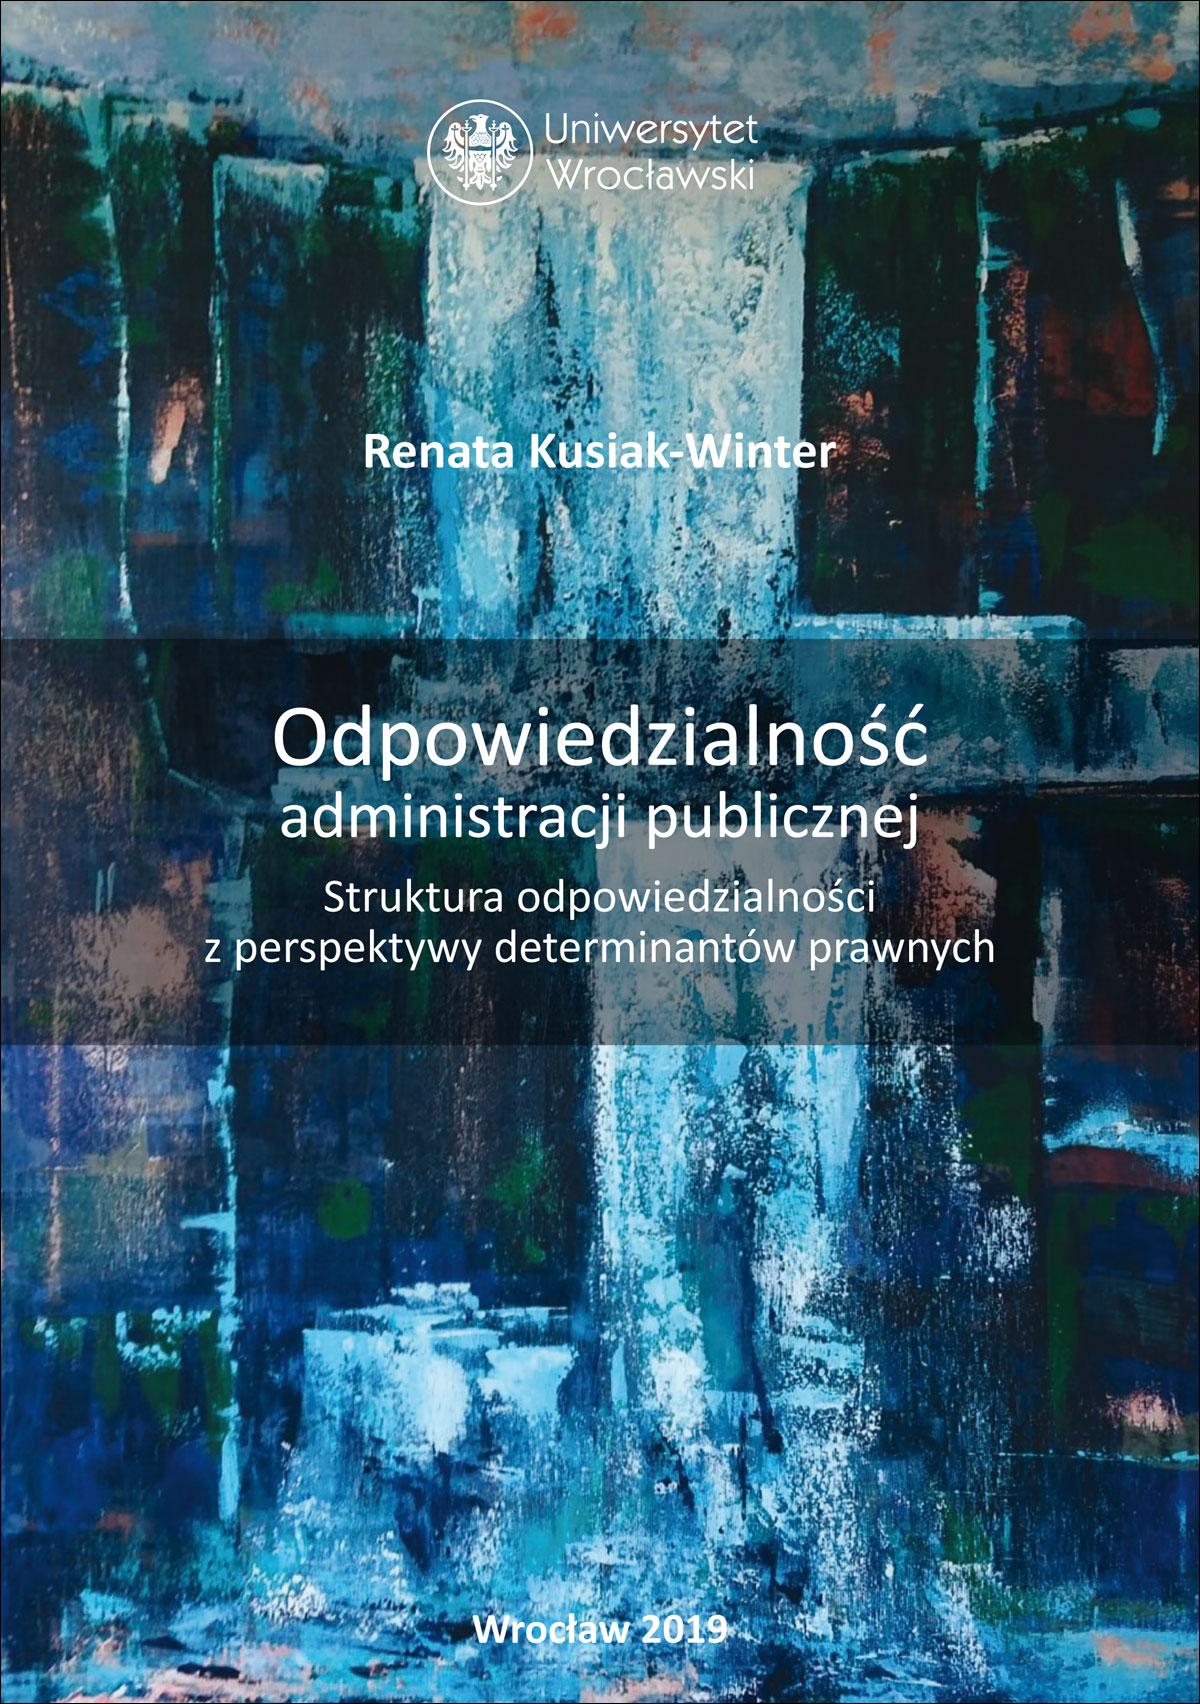 Odpowiedzialność administracji publicznej. Struktura odpowiedzialności z perspektywy determinantów prawnych